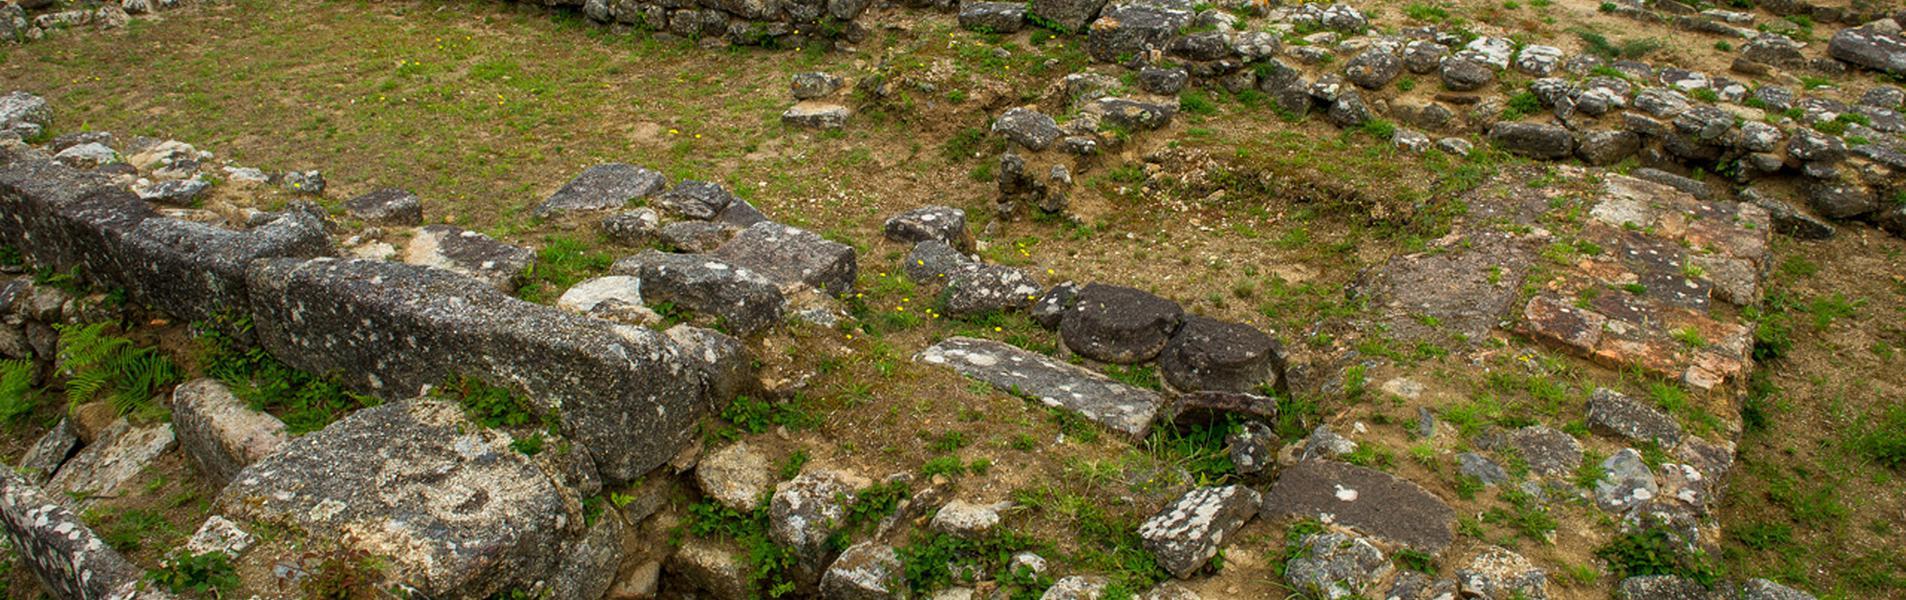 Necrópolis de Adro Vello